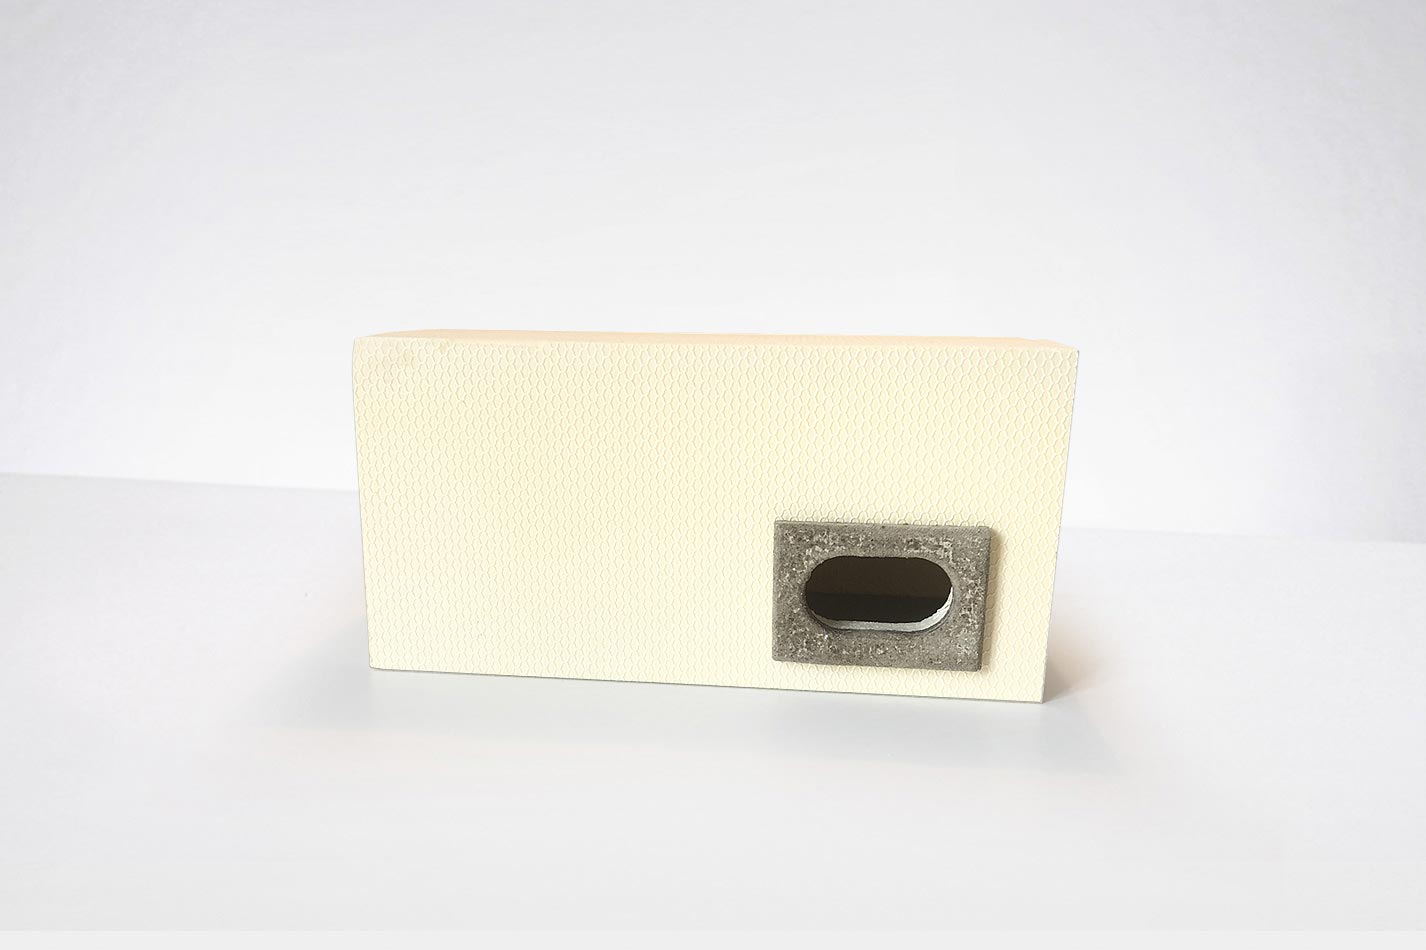 Mauersegler Nistkasten aus WDV Material mit einem Einflugloch mit einem schwarzen Einflugring